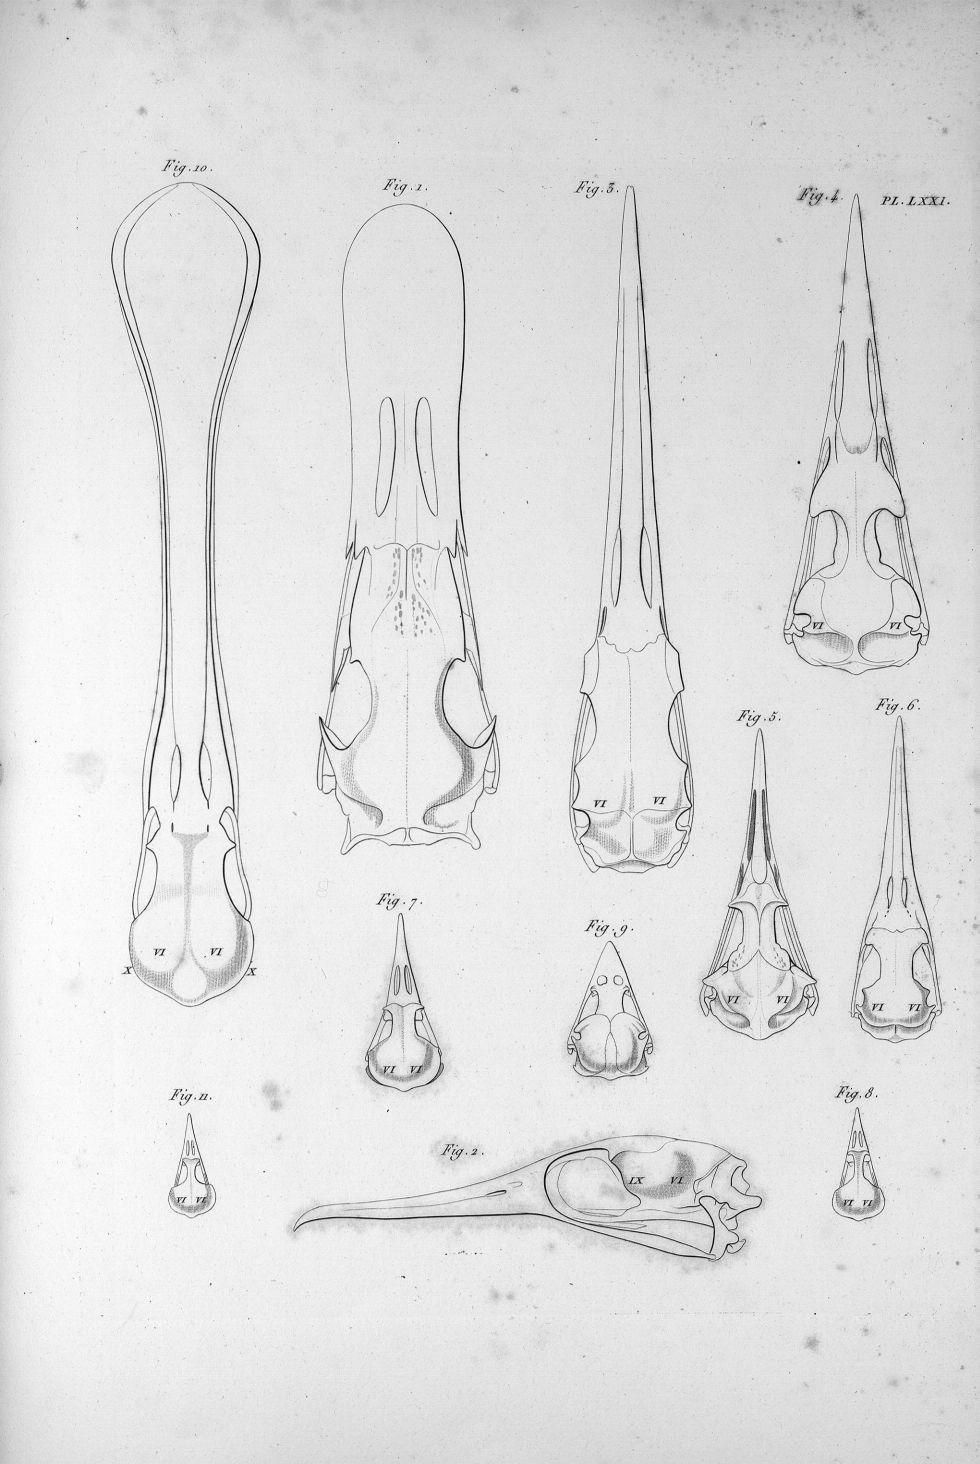 Pl. LXXI. Fig. 1. Crâne de cygne / Fig. 2. Du cormoran / Fig. 3. Du héron / Fig. 4. De la mouette /  [...] - Anatomie. Neurologie. Crânes. Animal, animaux. Oiseaux. Phrénologie. 19e siècle (France) - med00575x03x0327